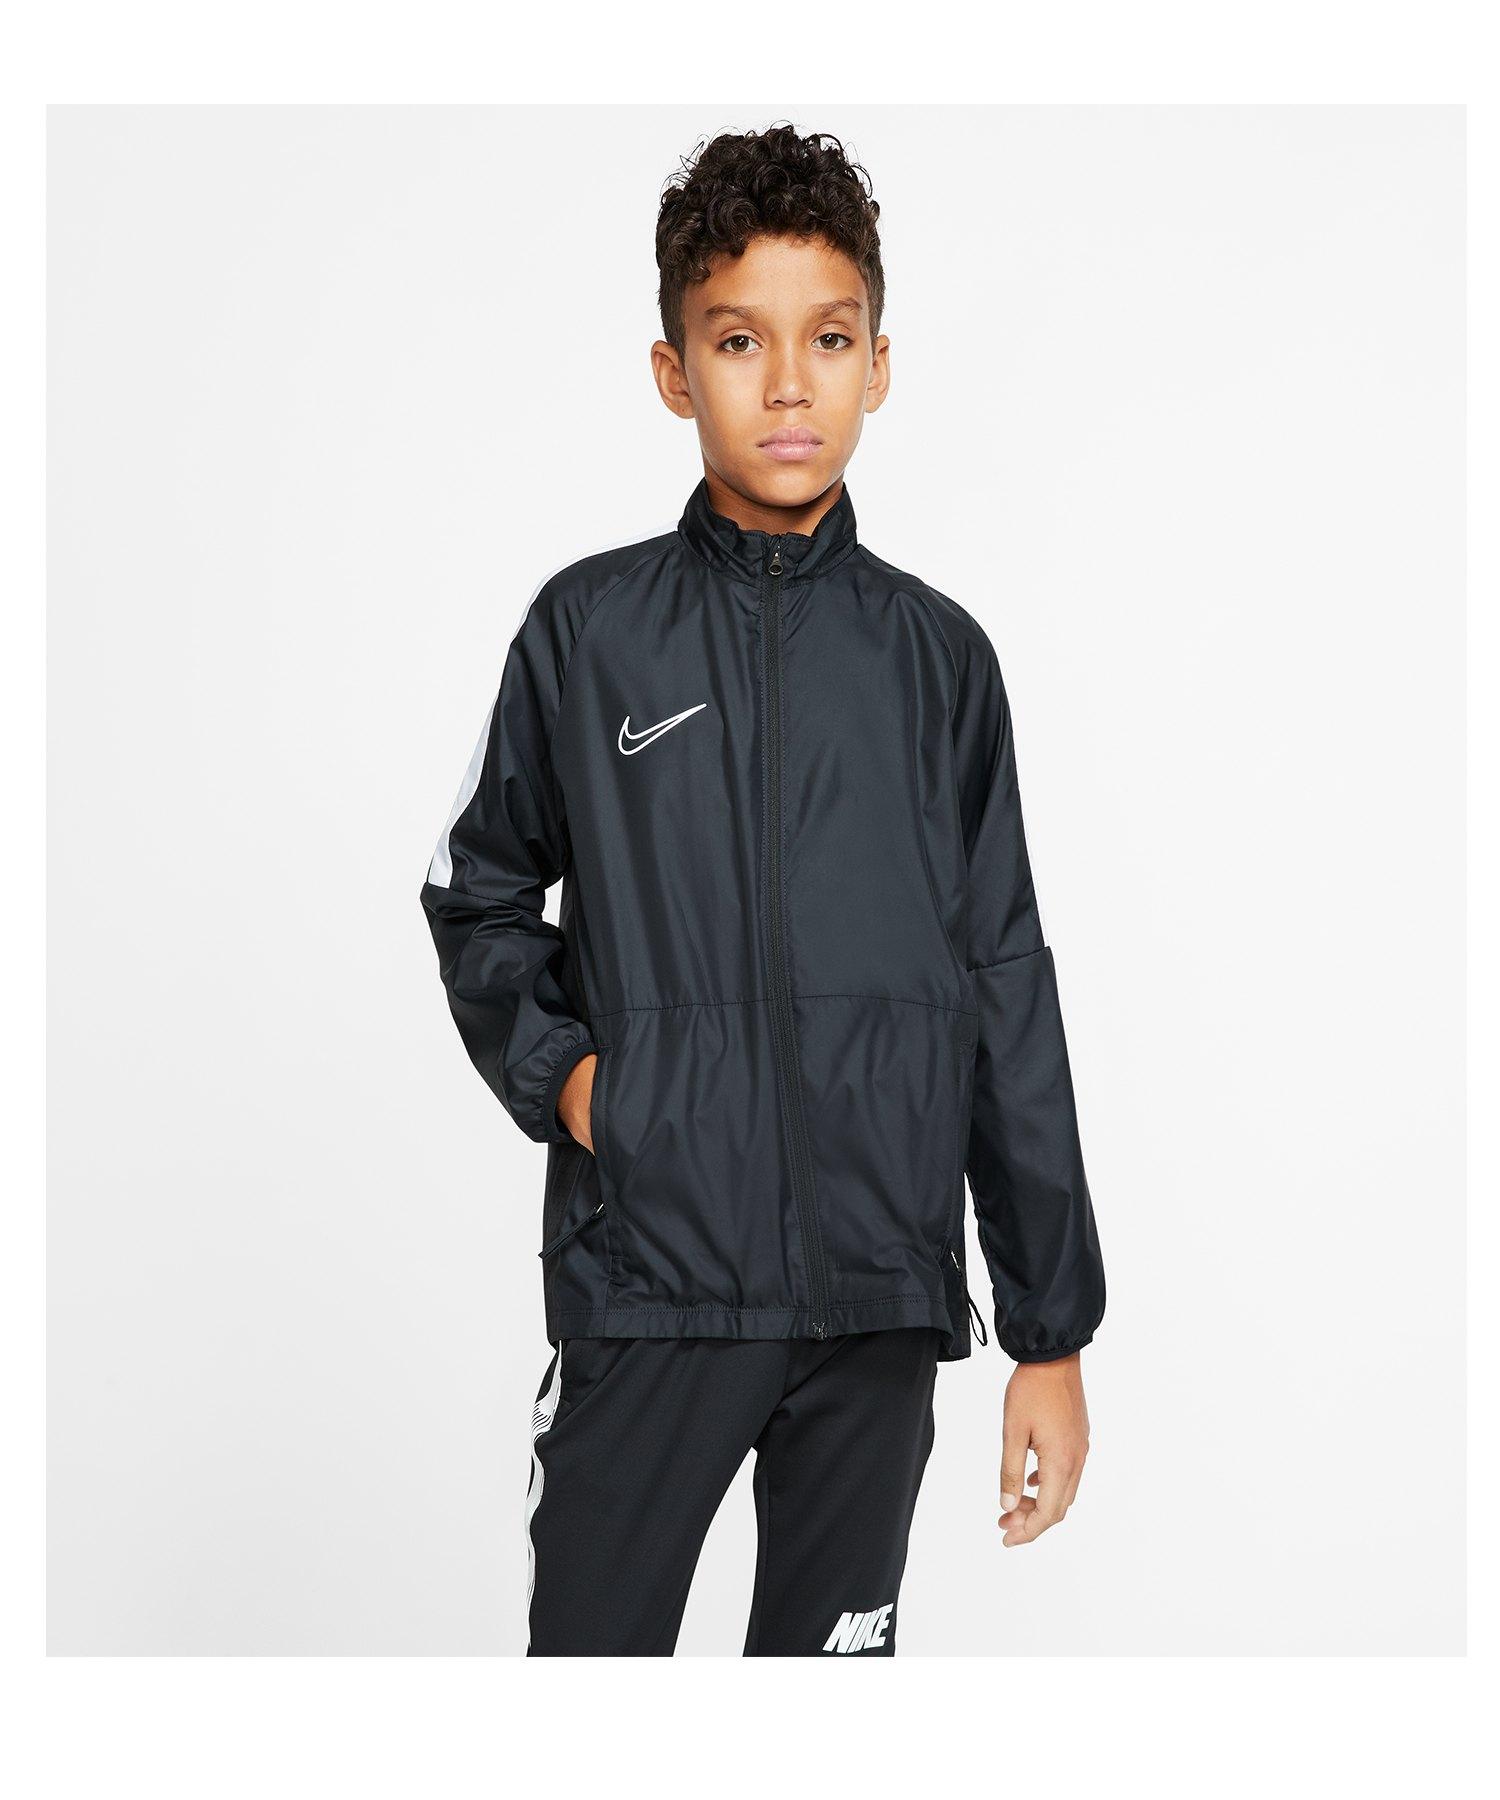 Nike Repel Academy Allwetterjacke Kids F011 - schwarz